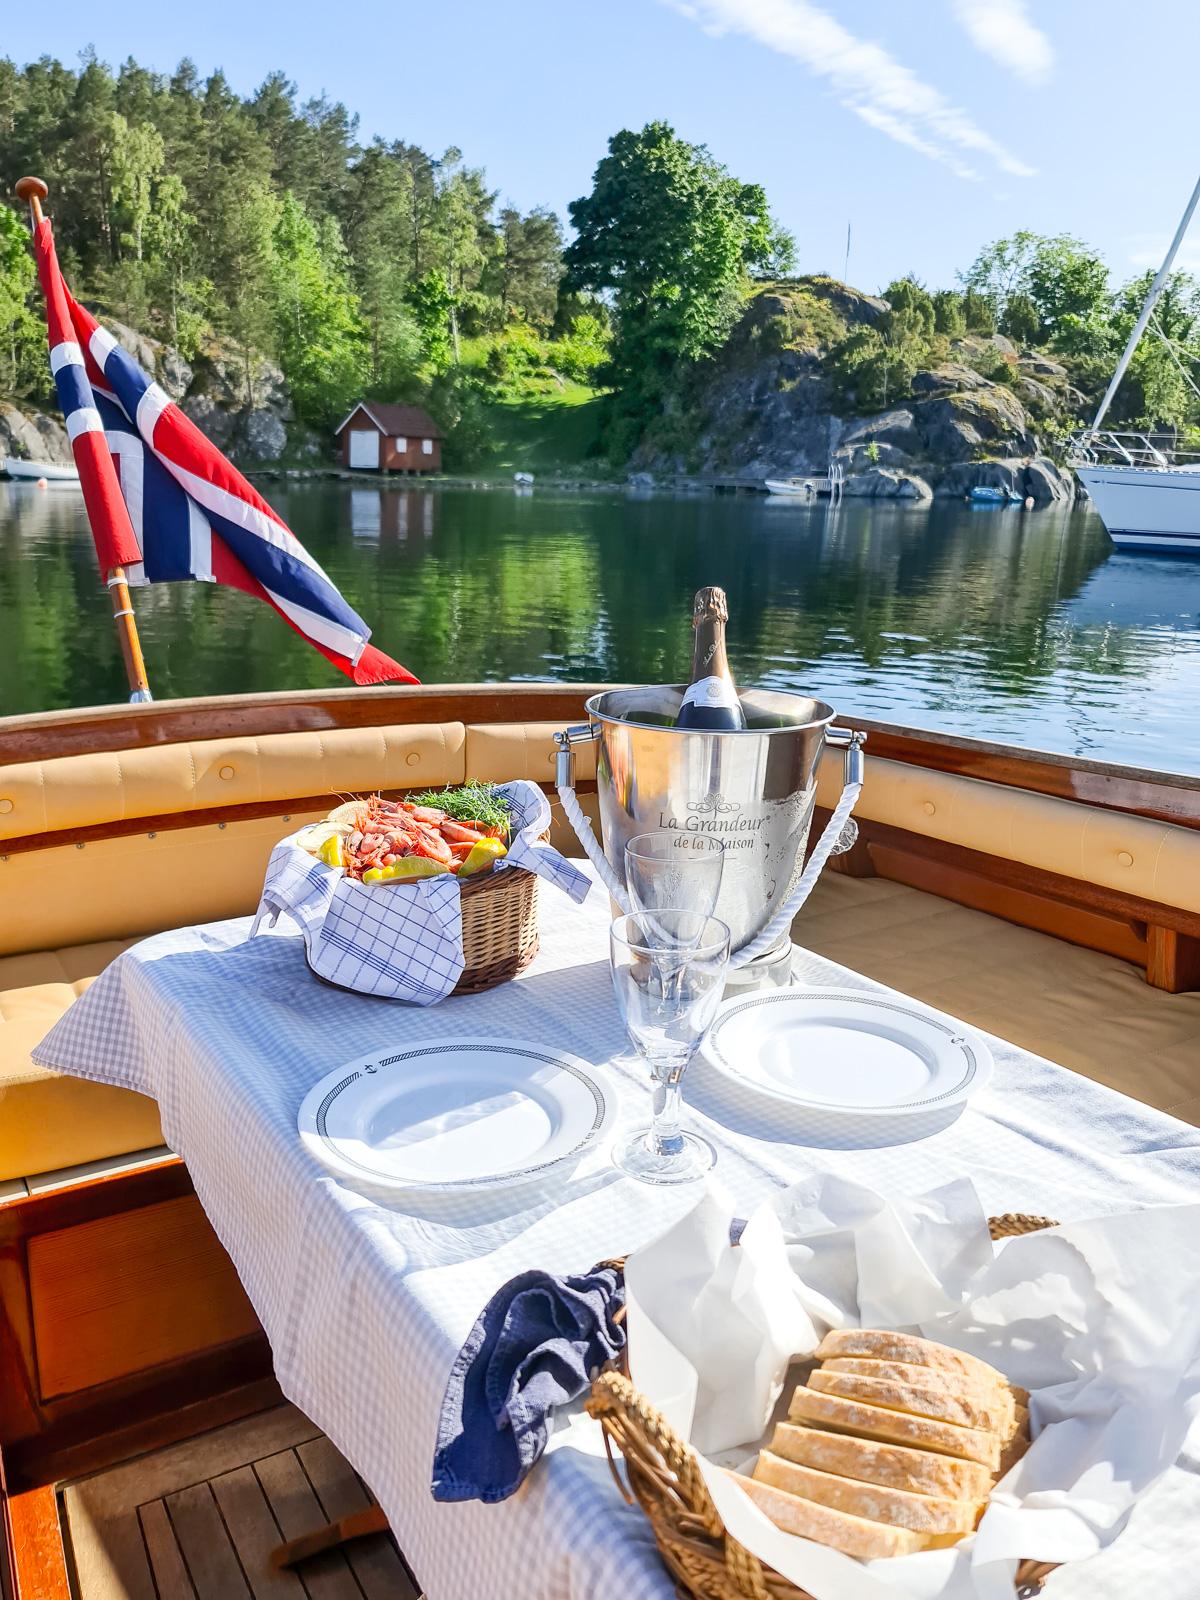 Bilde av piknik om bord på en båt